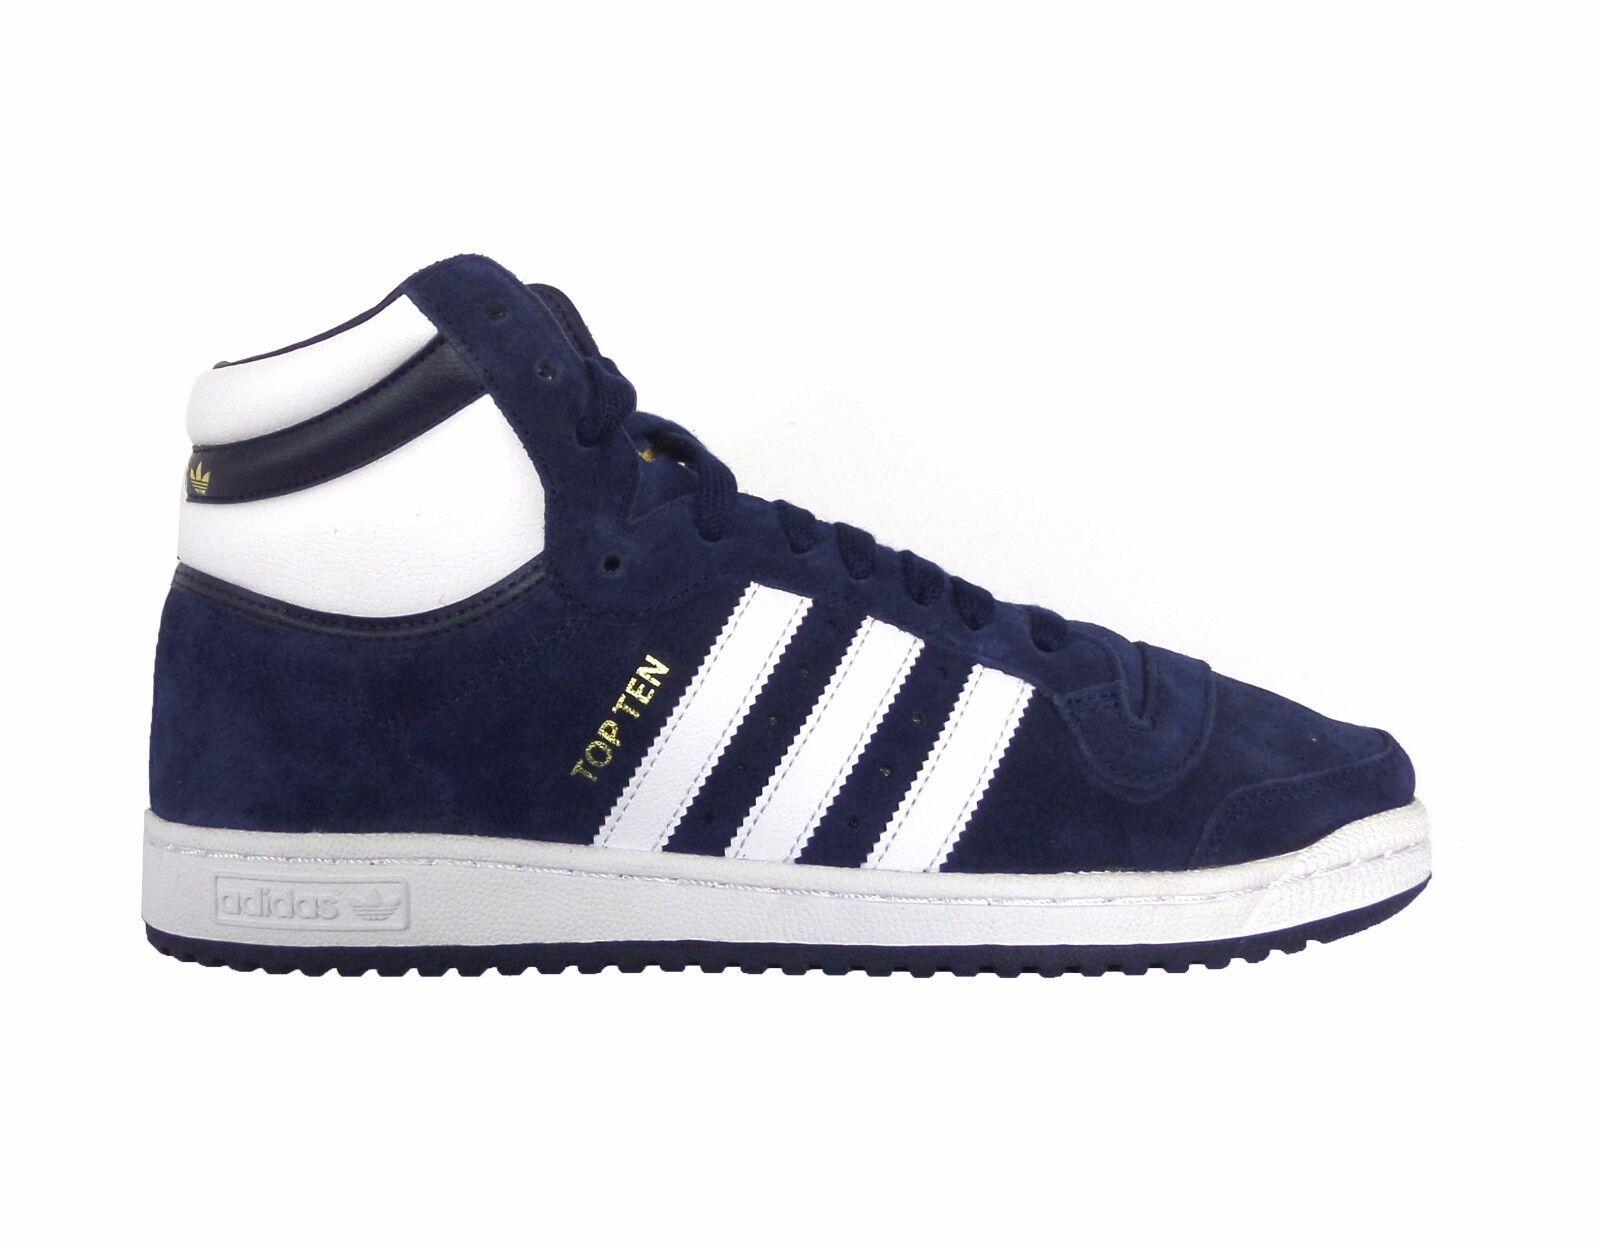 cheap Adidas Originals Men s TOP TEN HI SUEDE PACK Shoes Navy F37661 ... 57f299b2cc